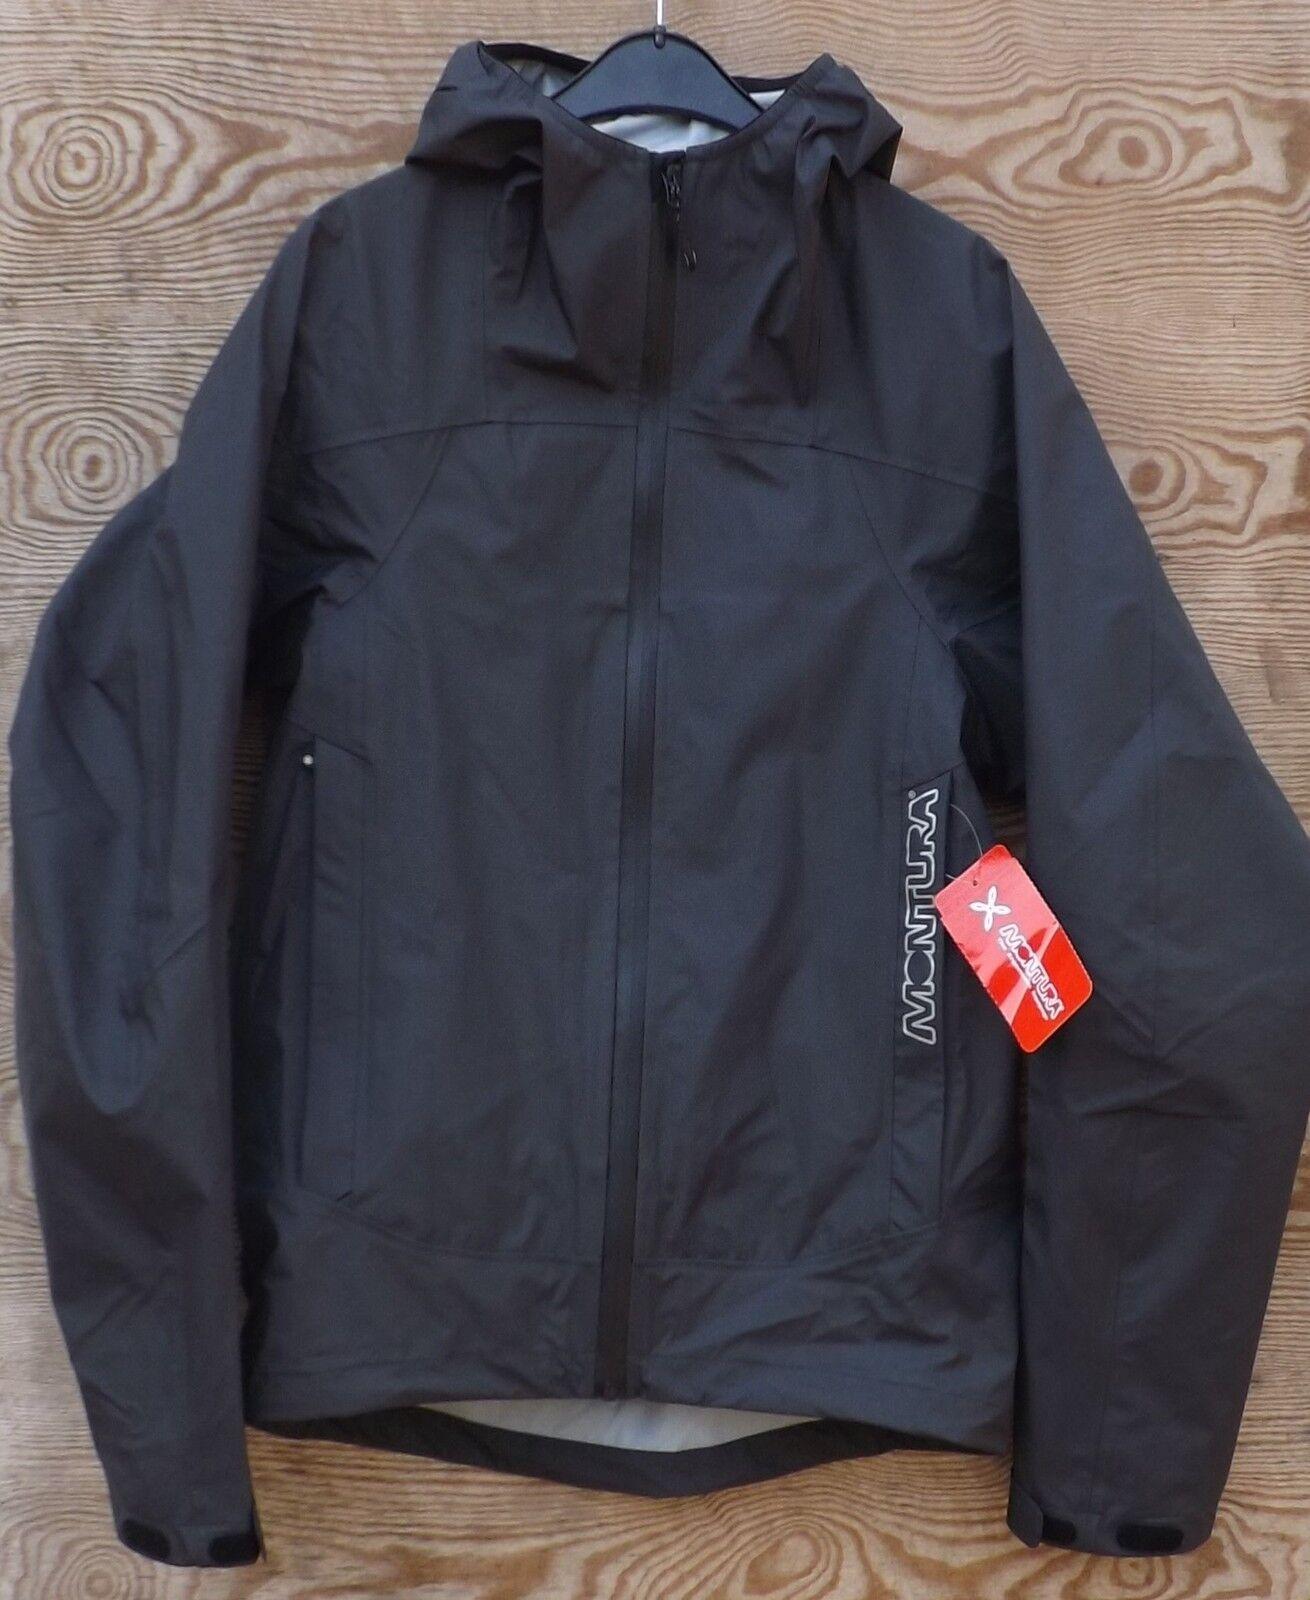 Montura freeland Jacket men, antracita,  3l-chaqueta para caballeros  la red entera más baja